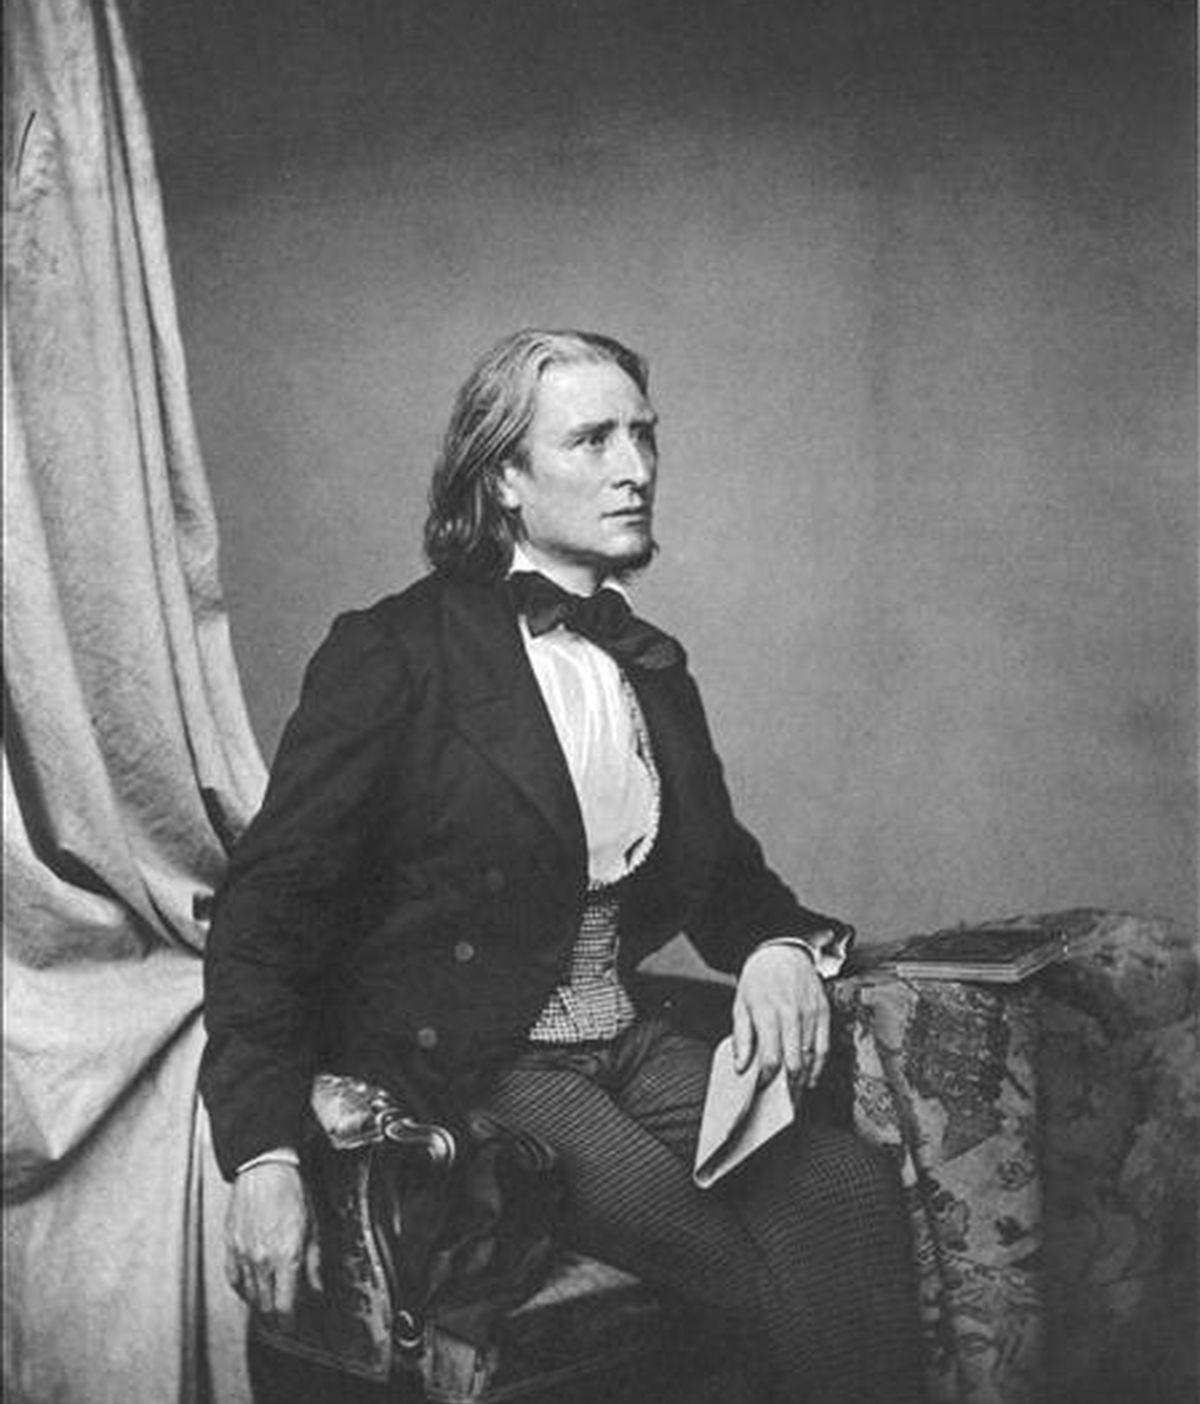 """Fotografía facilitada por los organizadores del """"Año Liszt"""" que muestra una imagen de Ferenc (Franz) Liszt, uno de los compositores europeos más importantes del siglo XIX. Hungría celebrará a lo largo de todo el año el 200 aniversario del nacimiento de Liszt, quien, a pesar de sus raíces germanas, siempre se sintió magiar. EFE"""